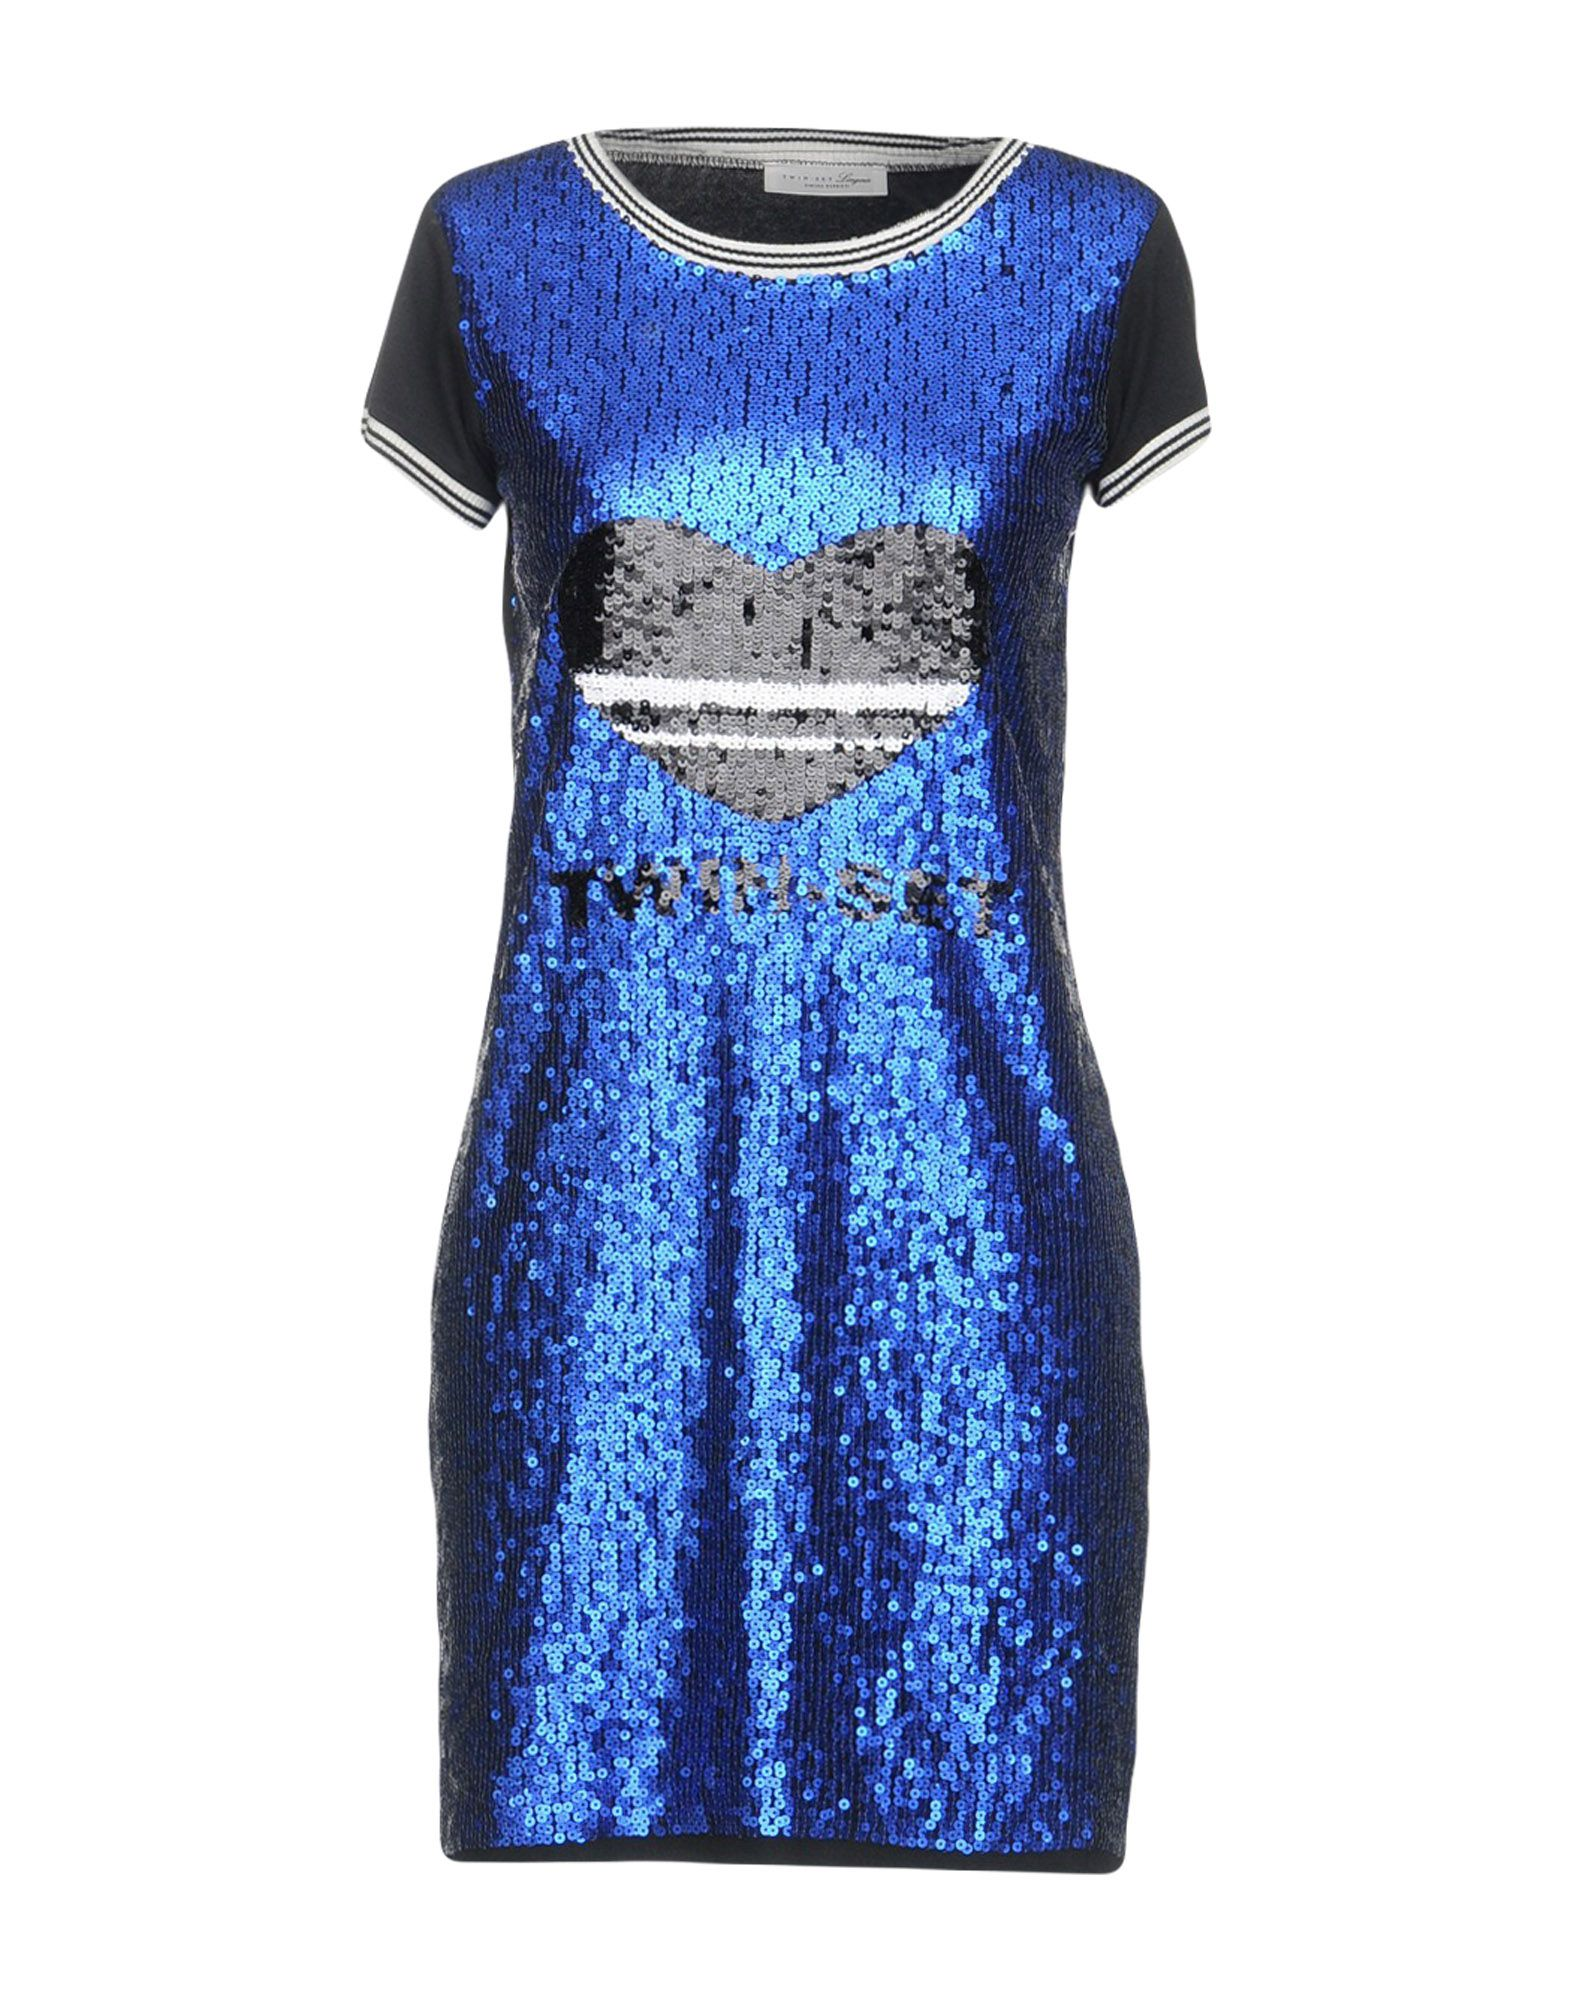 TWIN-SET LINGERIE Ночная рубашка black mesh applique lingerie set